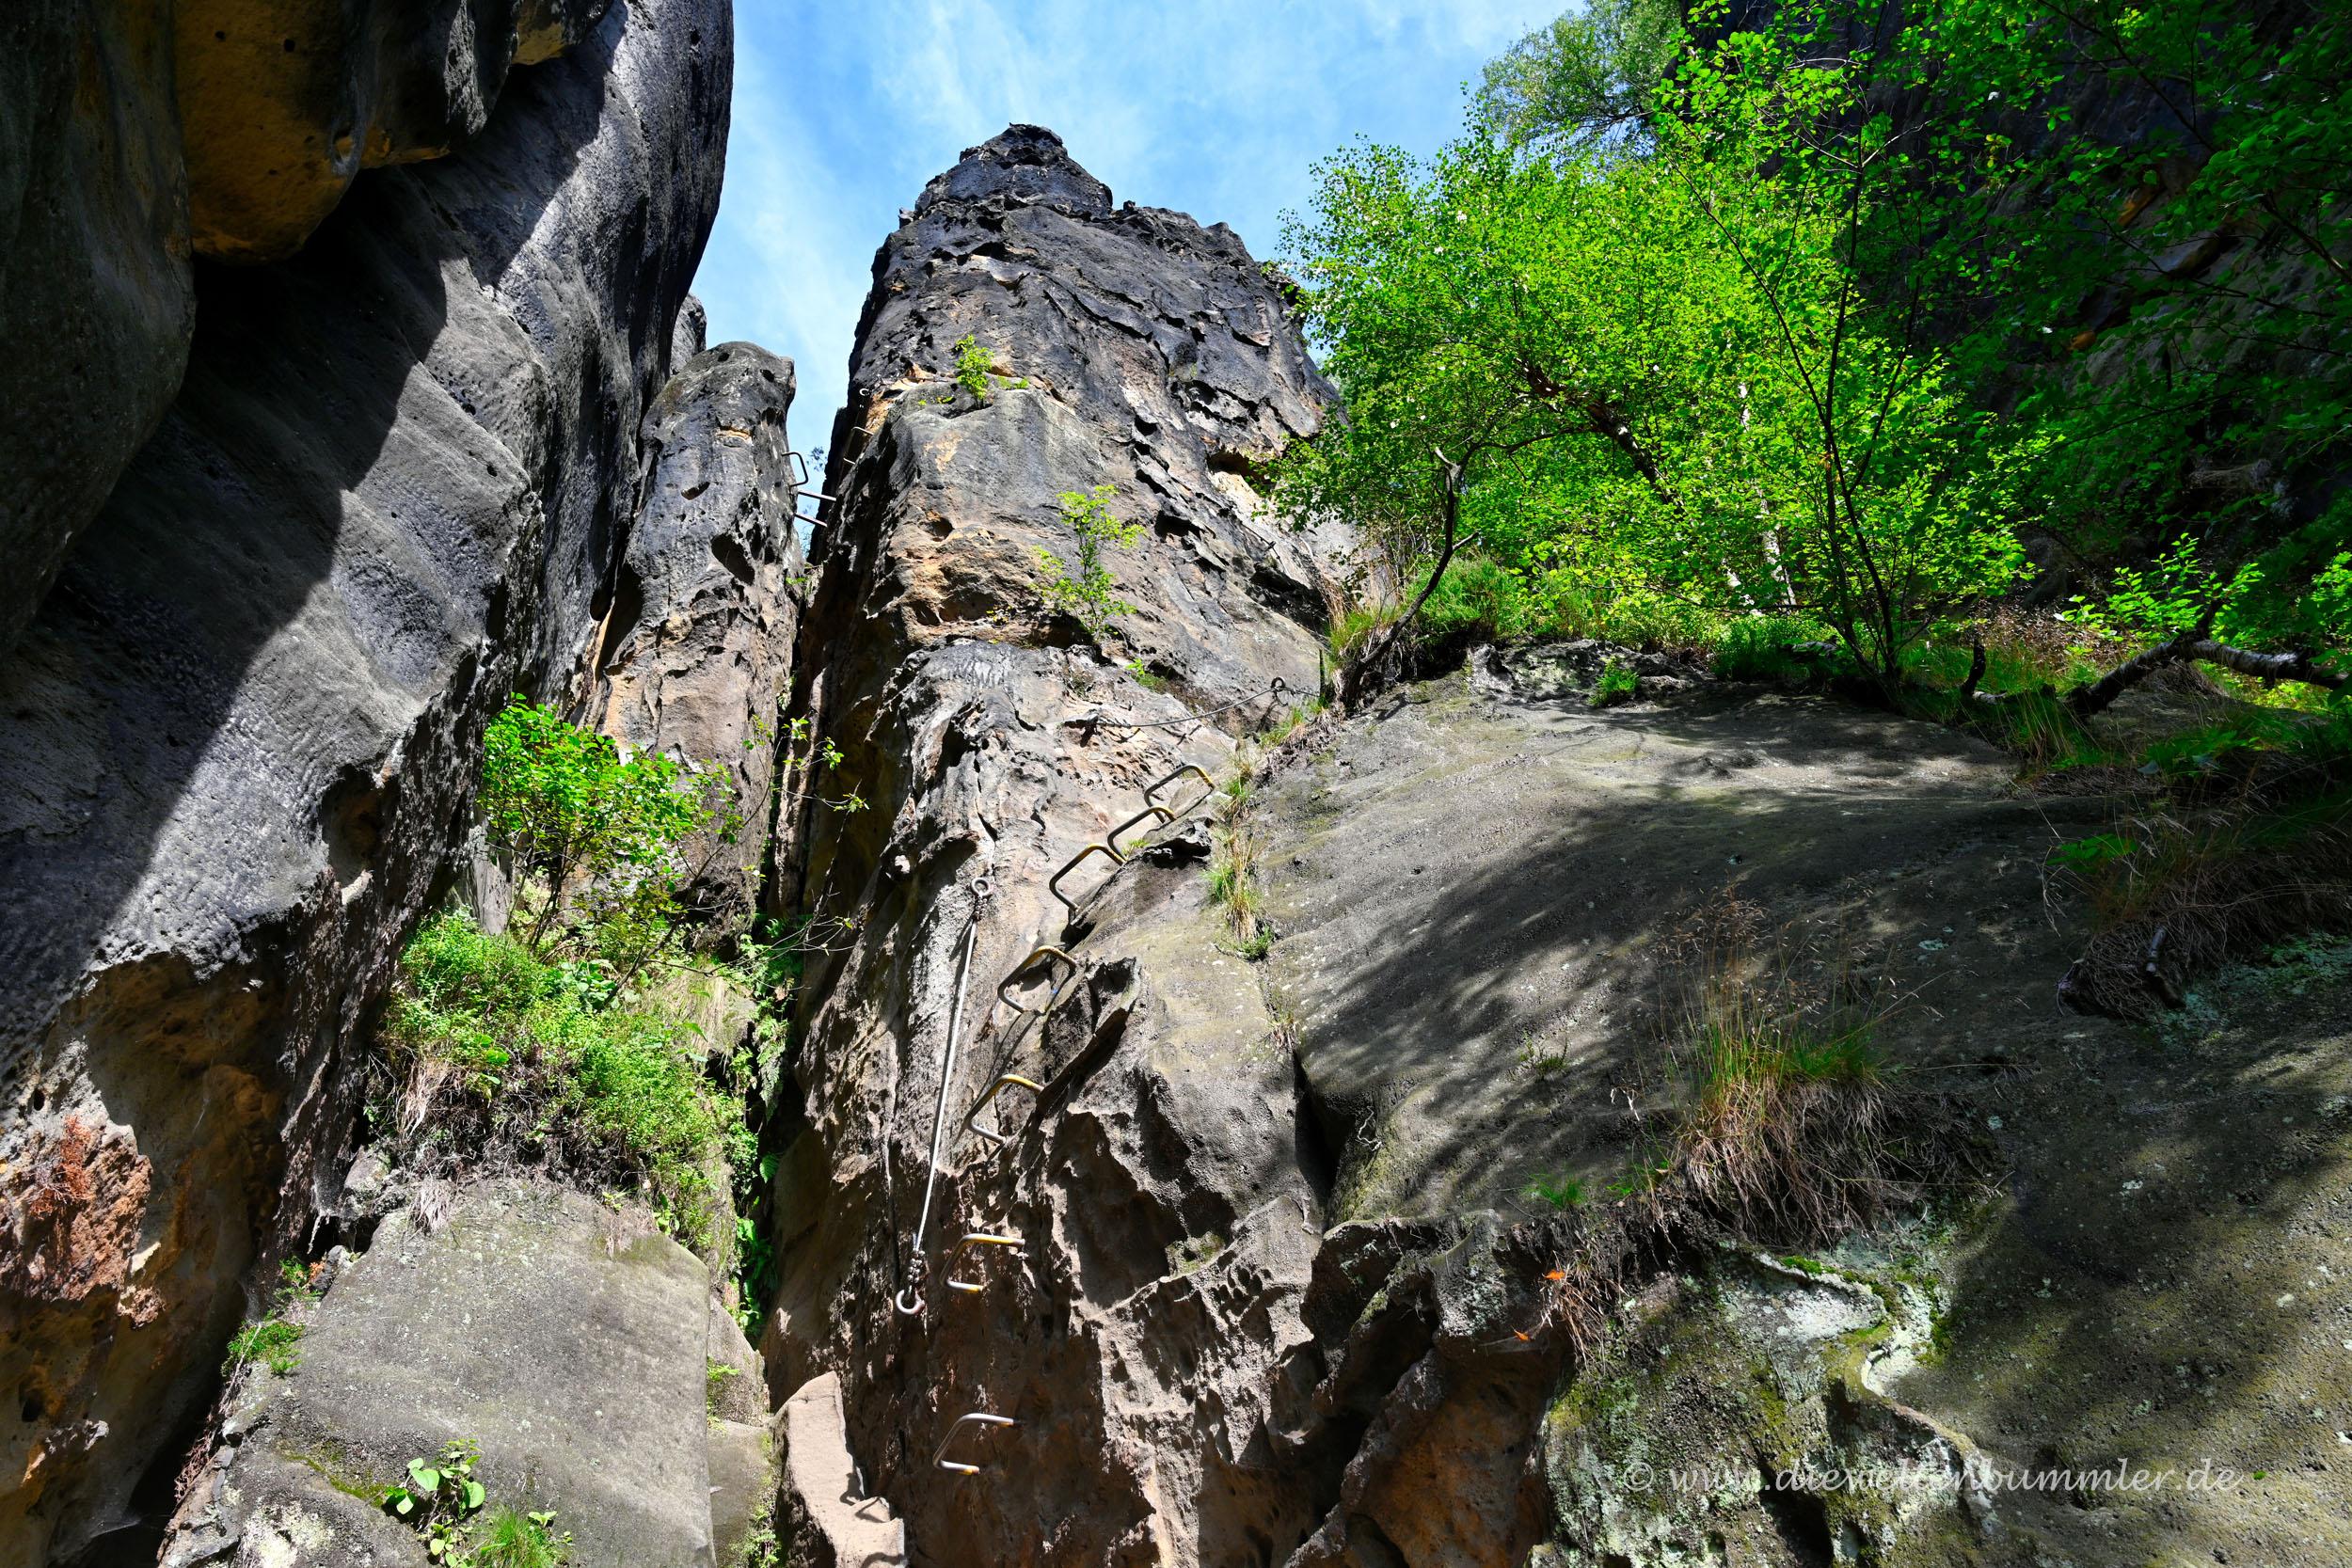 Stiege zum Klettern